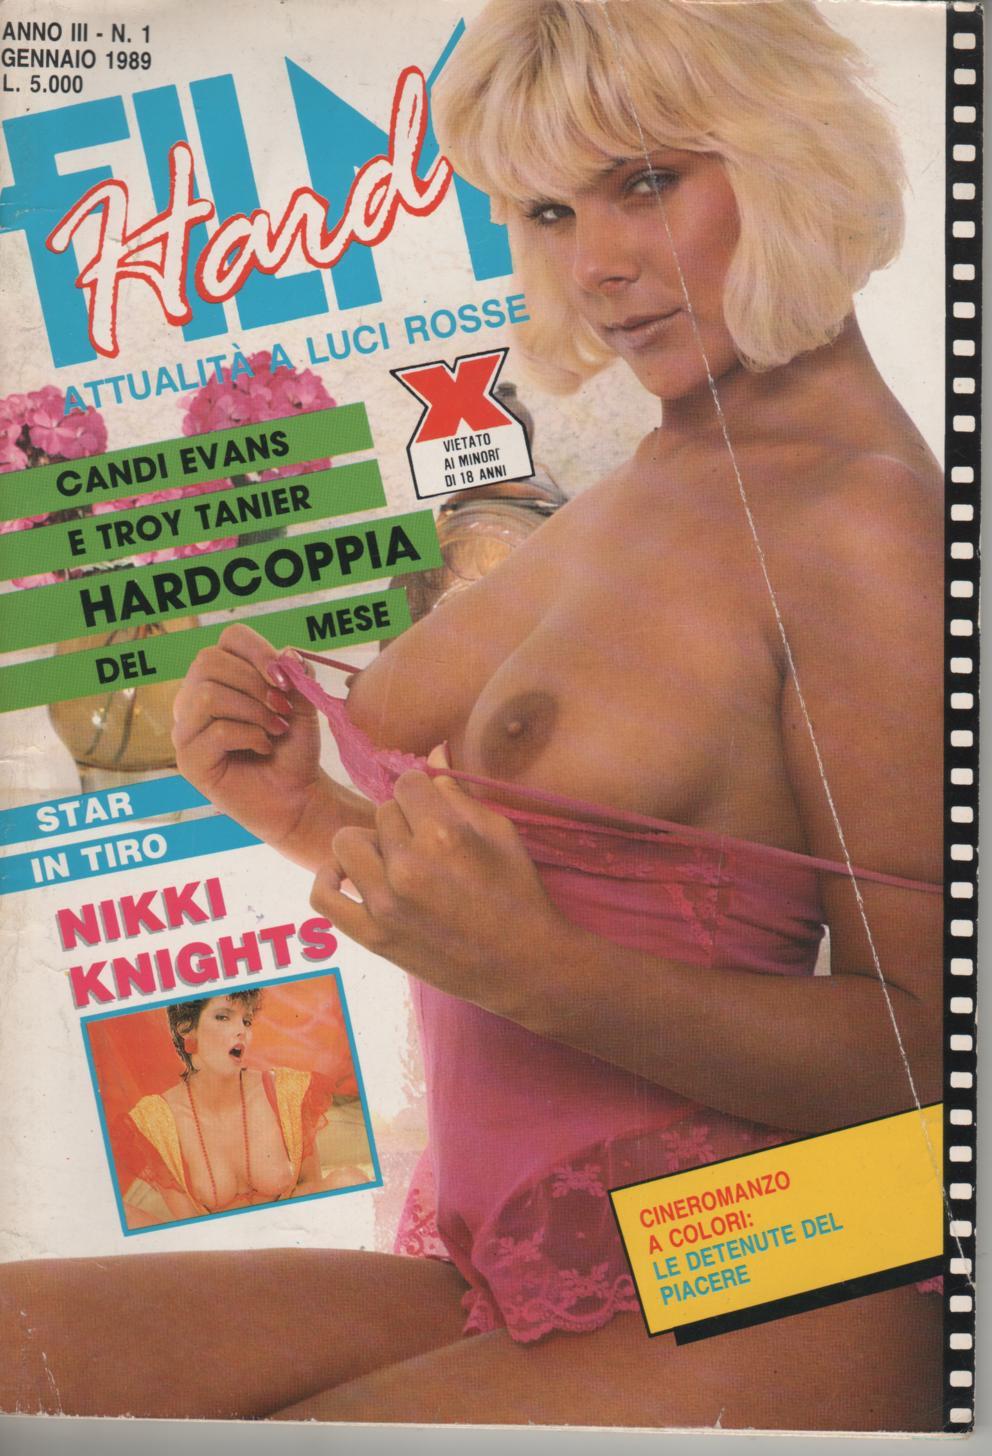 FILM HARD   # 1 / 1989 LE DETENUTE DEL PIACERE  fotofilm